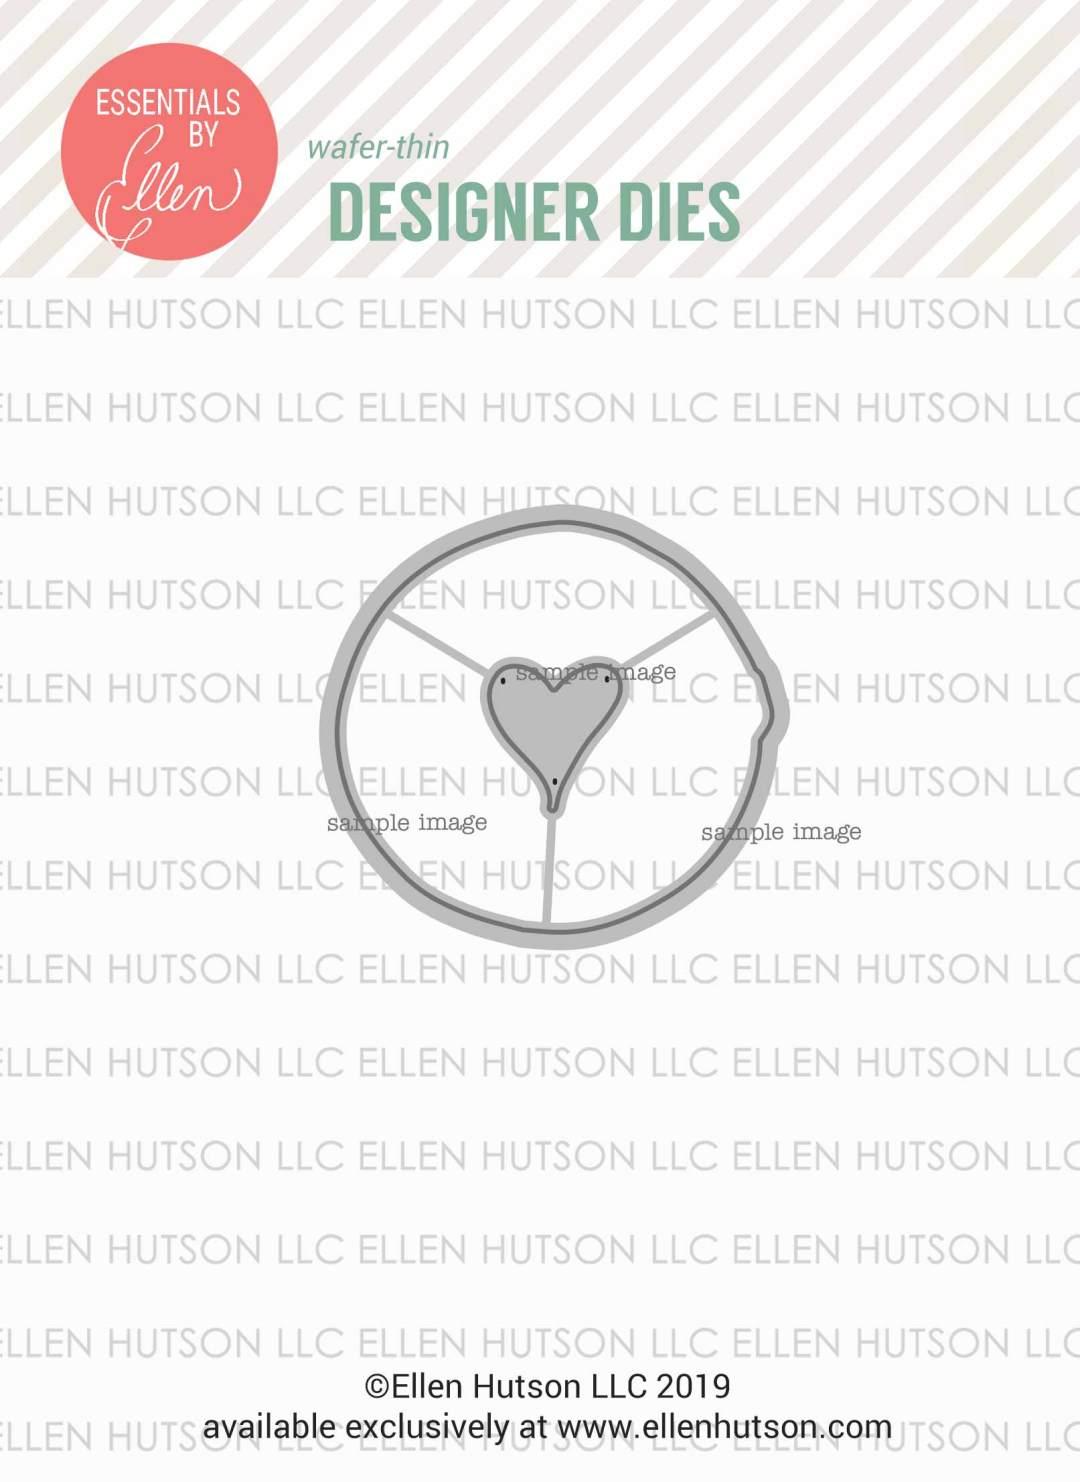 Essentials by Ellen Latte Love dies